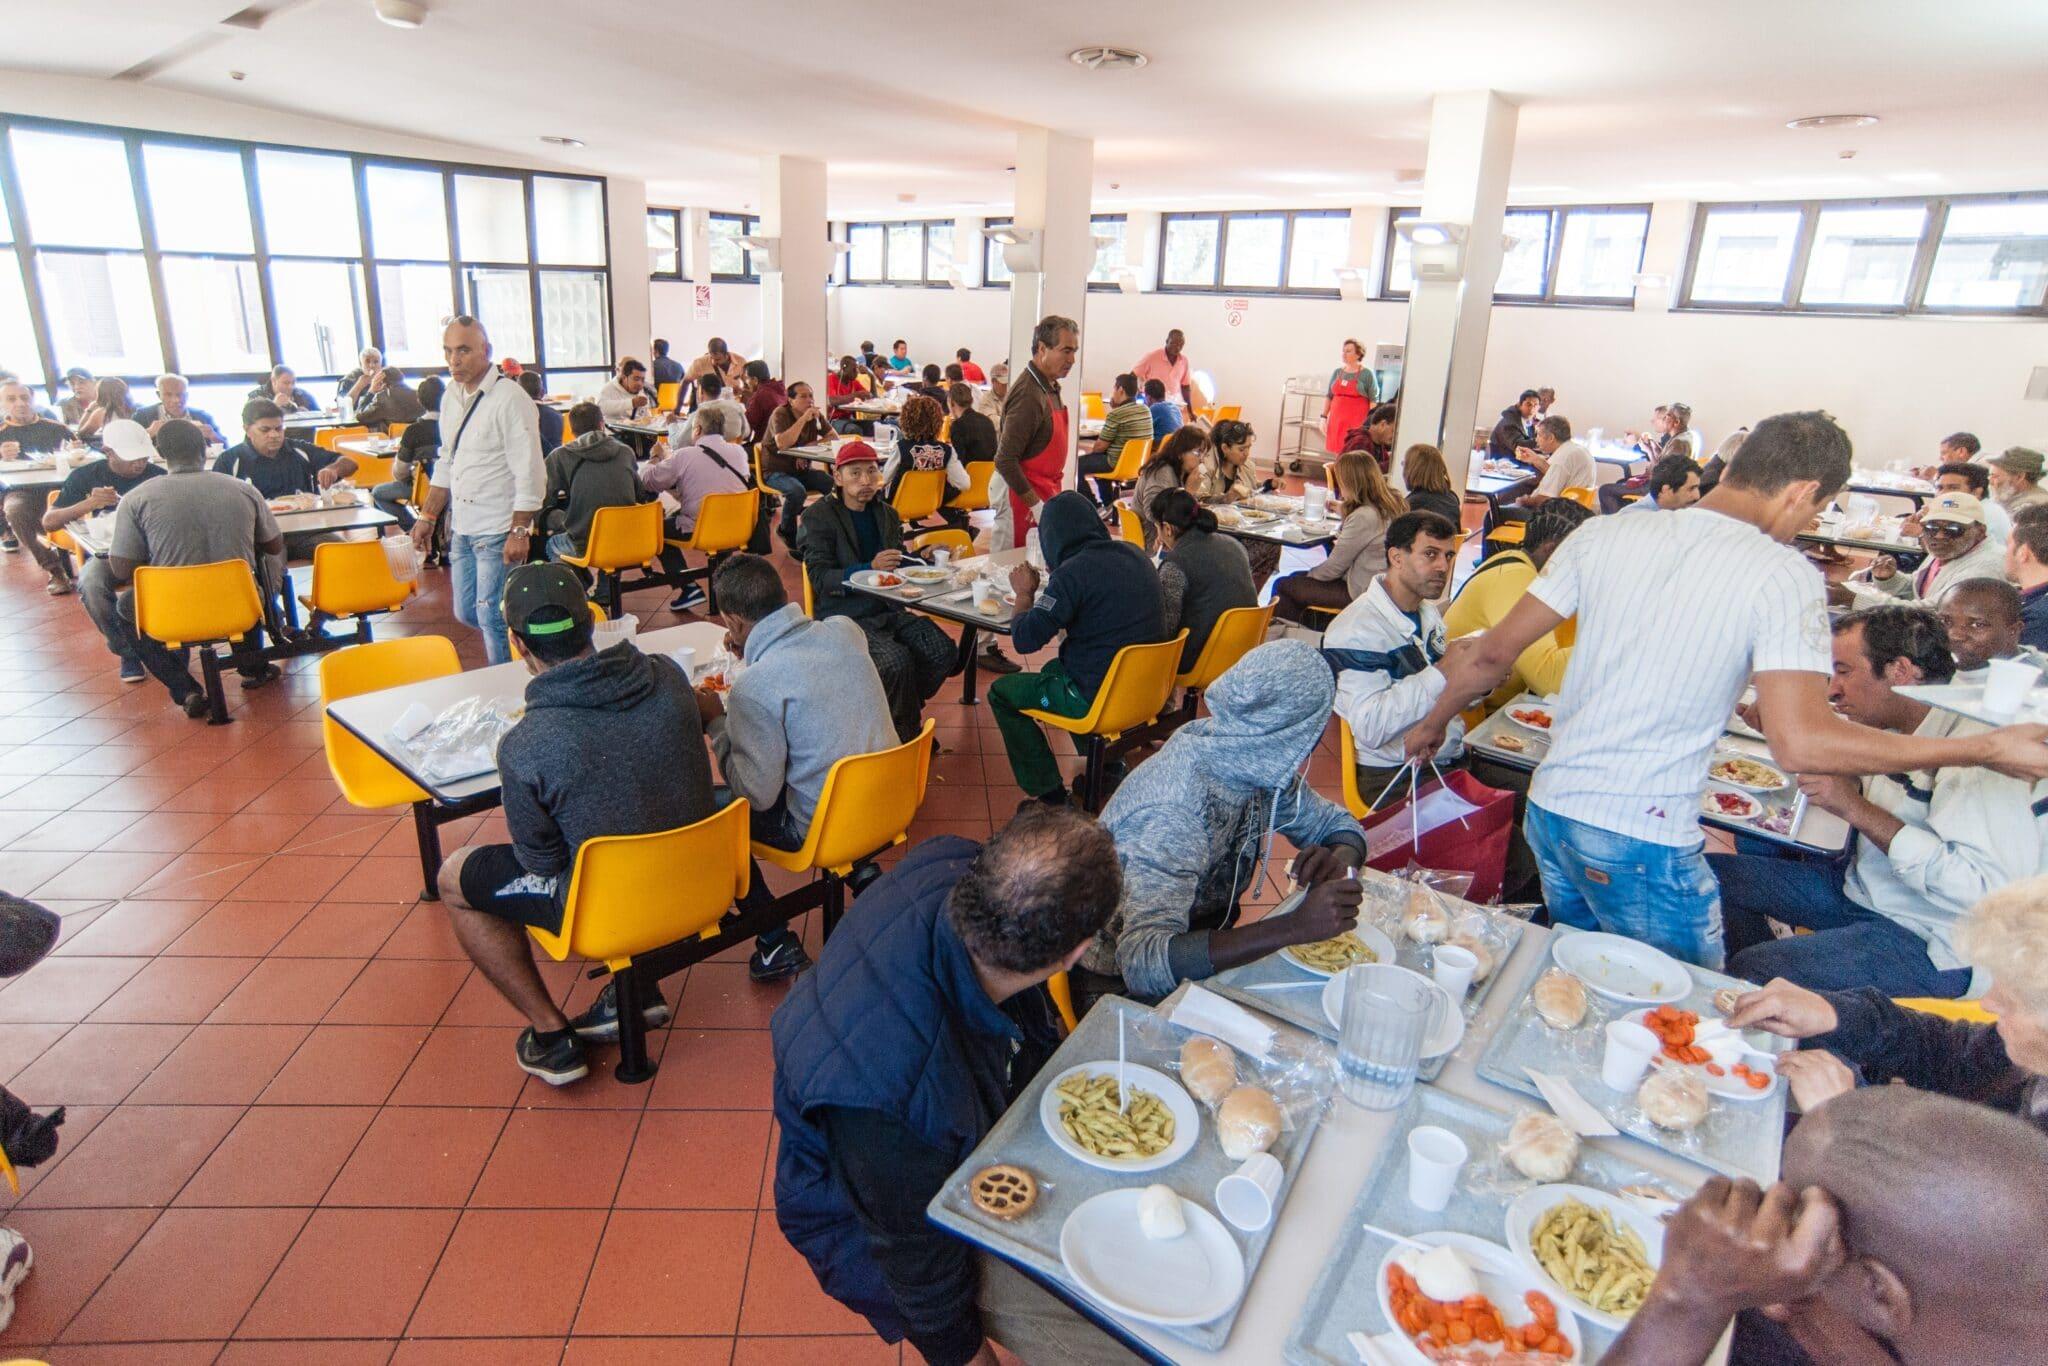 Il dramma dei senzatetto della Provincia di Trento: non possono vaccinarsi e non possono accedere a mense e dormitori senza vaccinazione. Politica ottusa e crudele